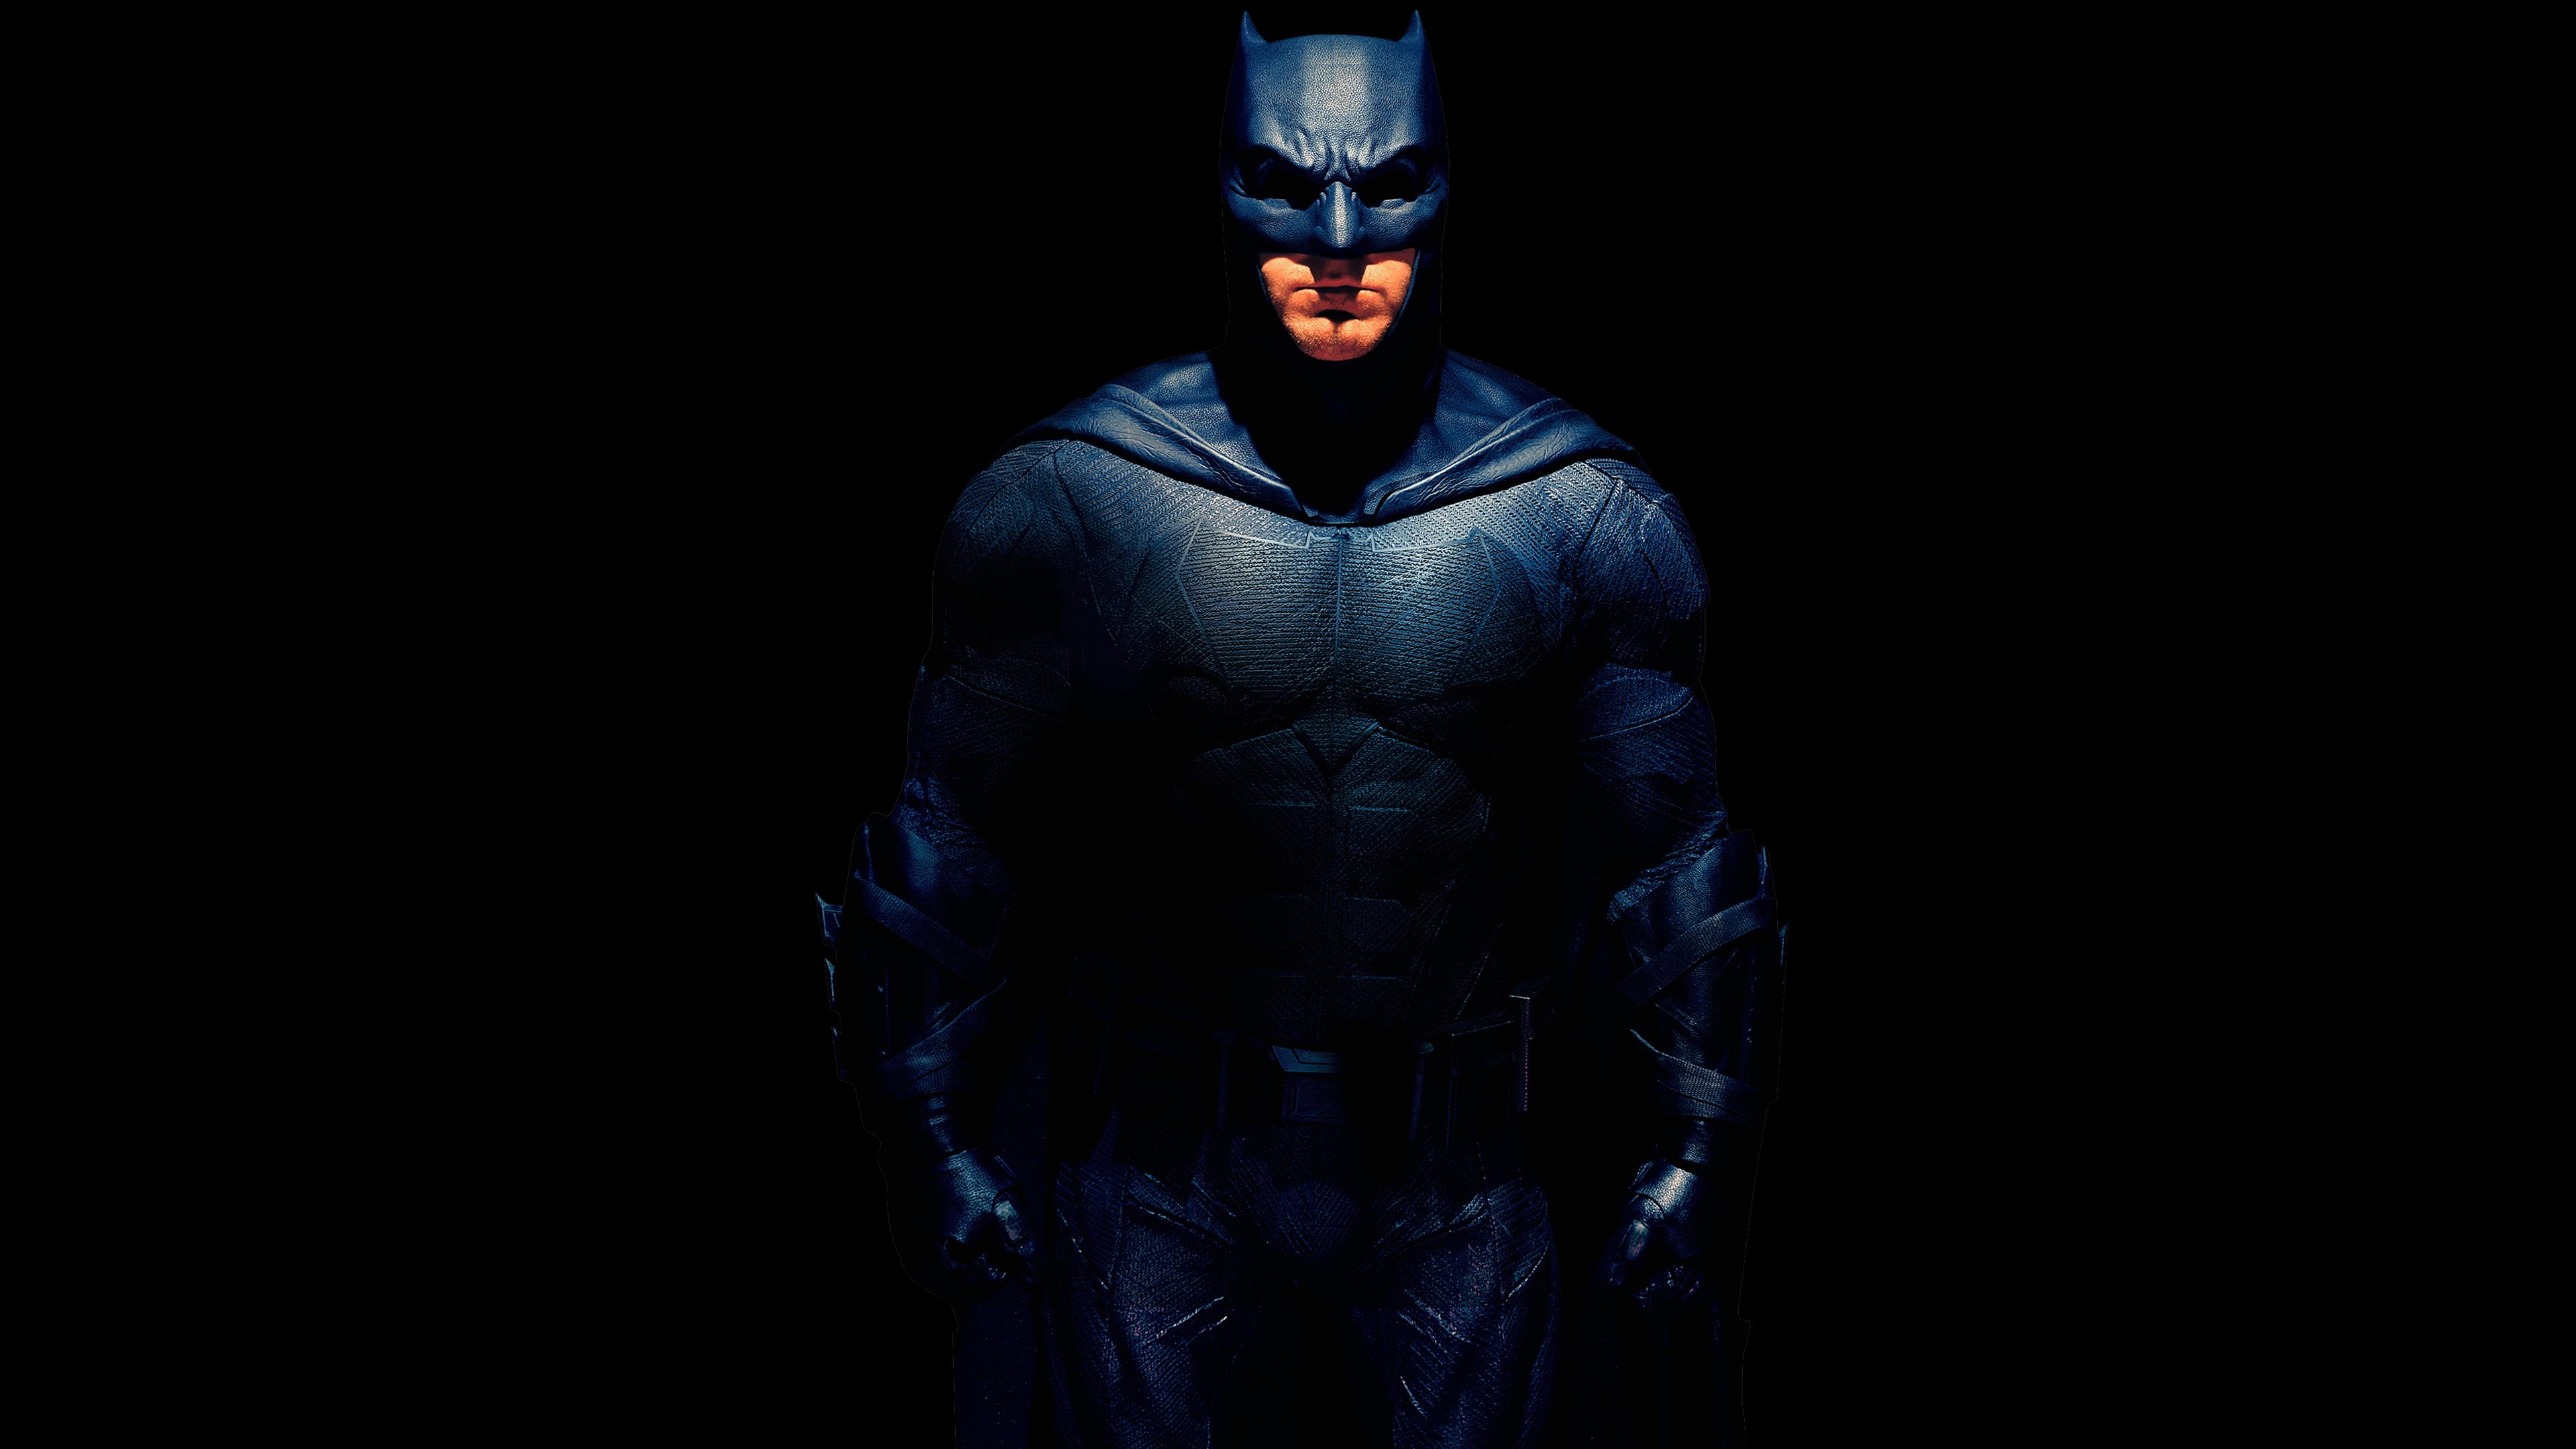 Batman Justice League 4k